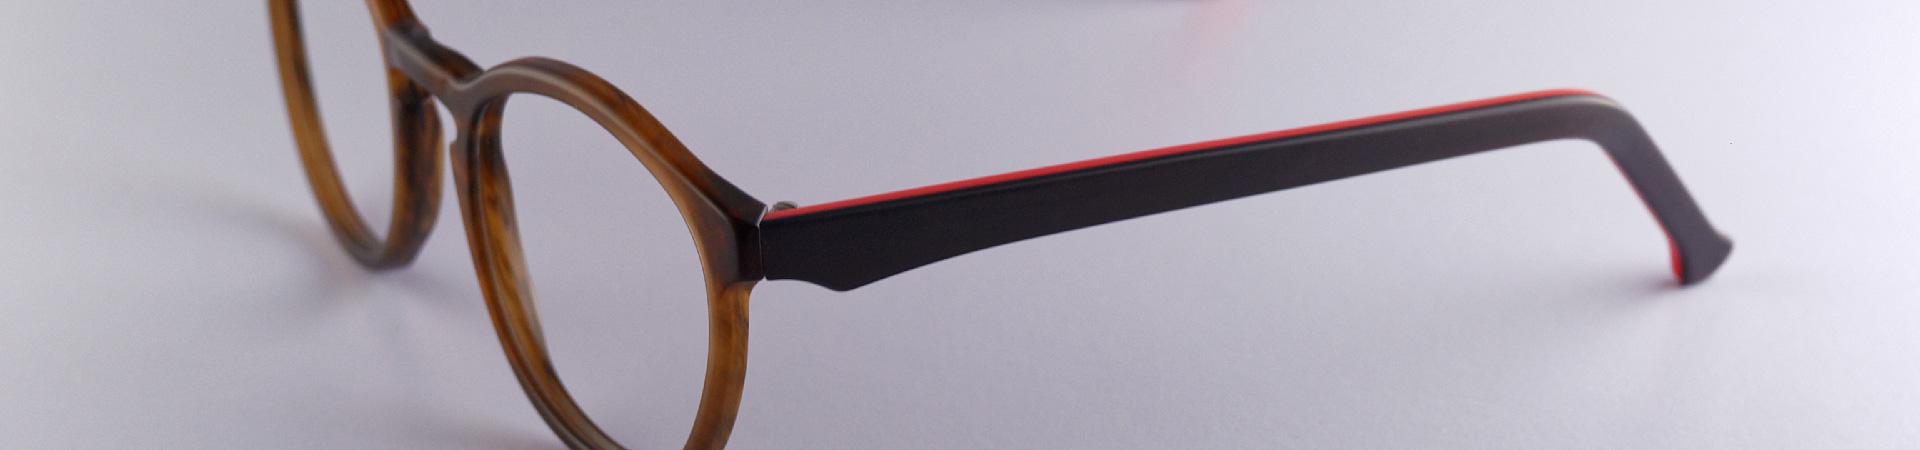 Fassungswerk-Brillenfassung-Header